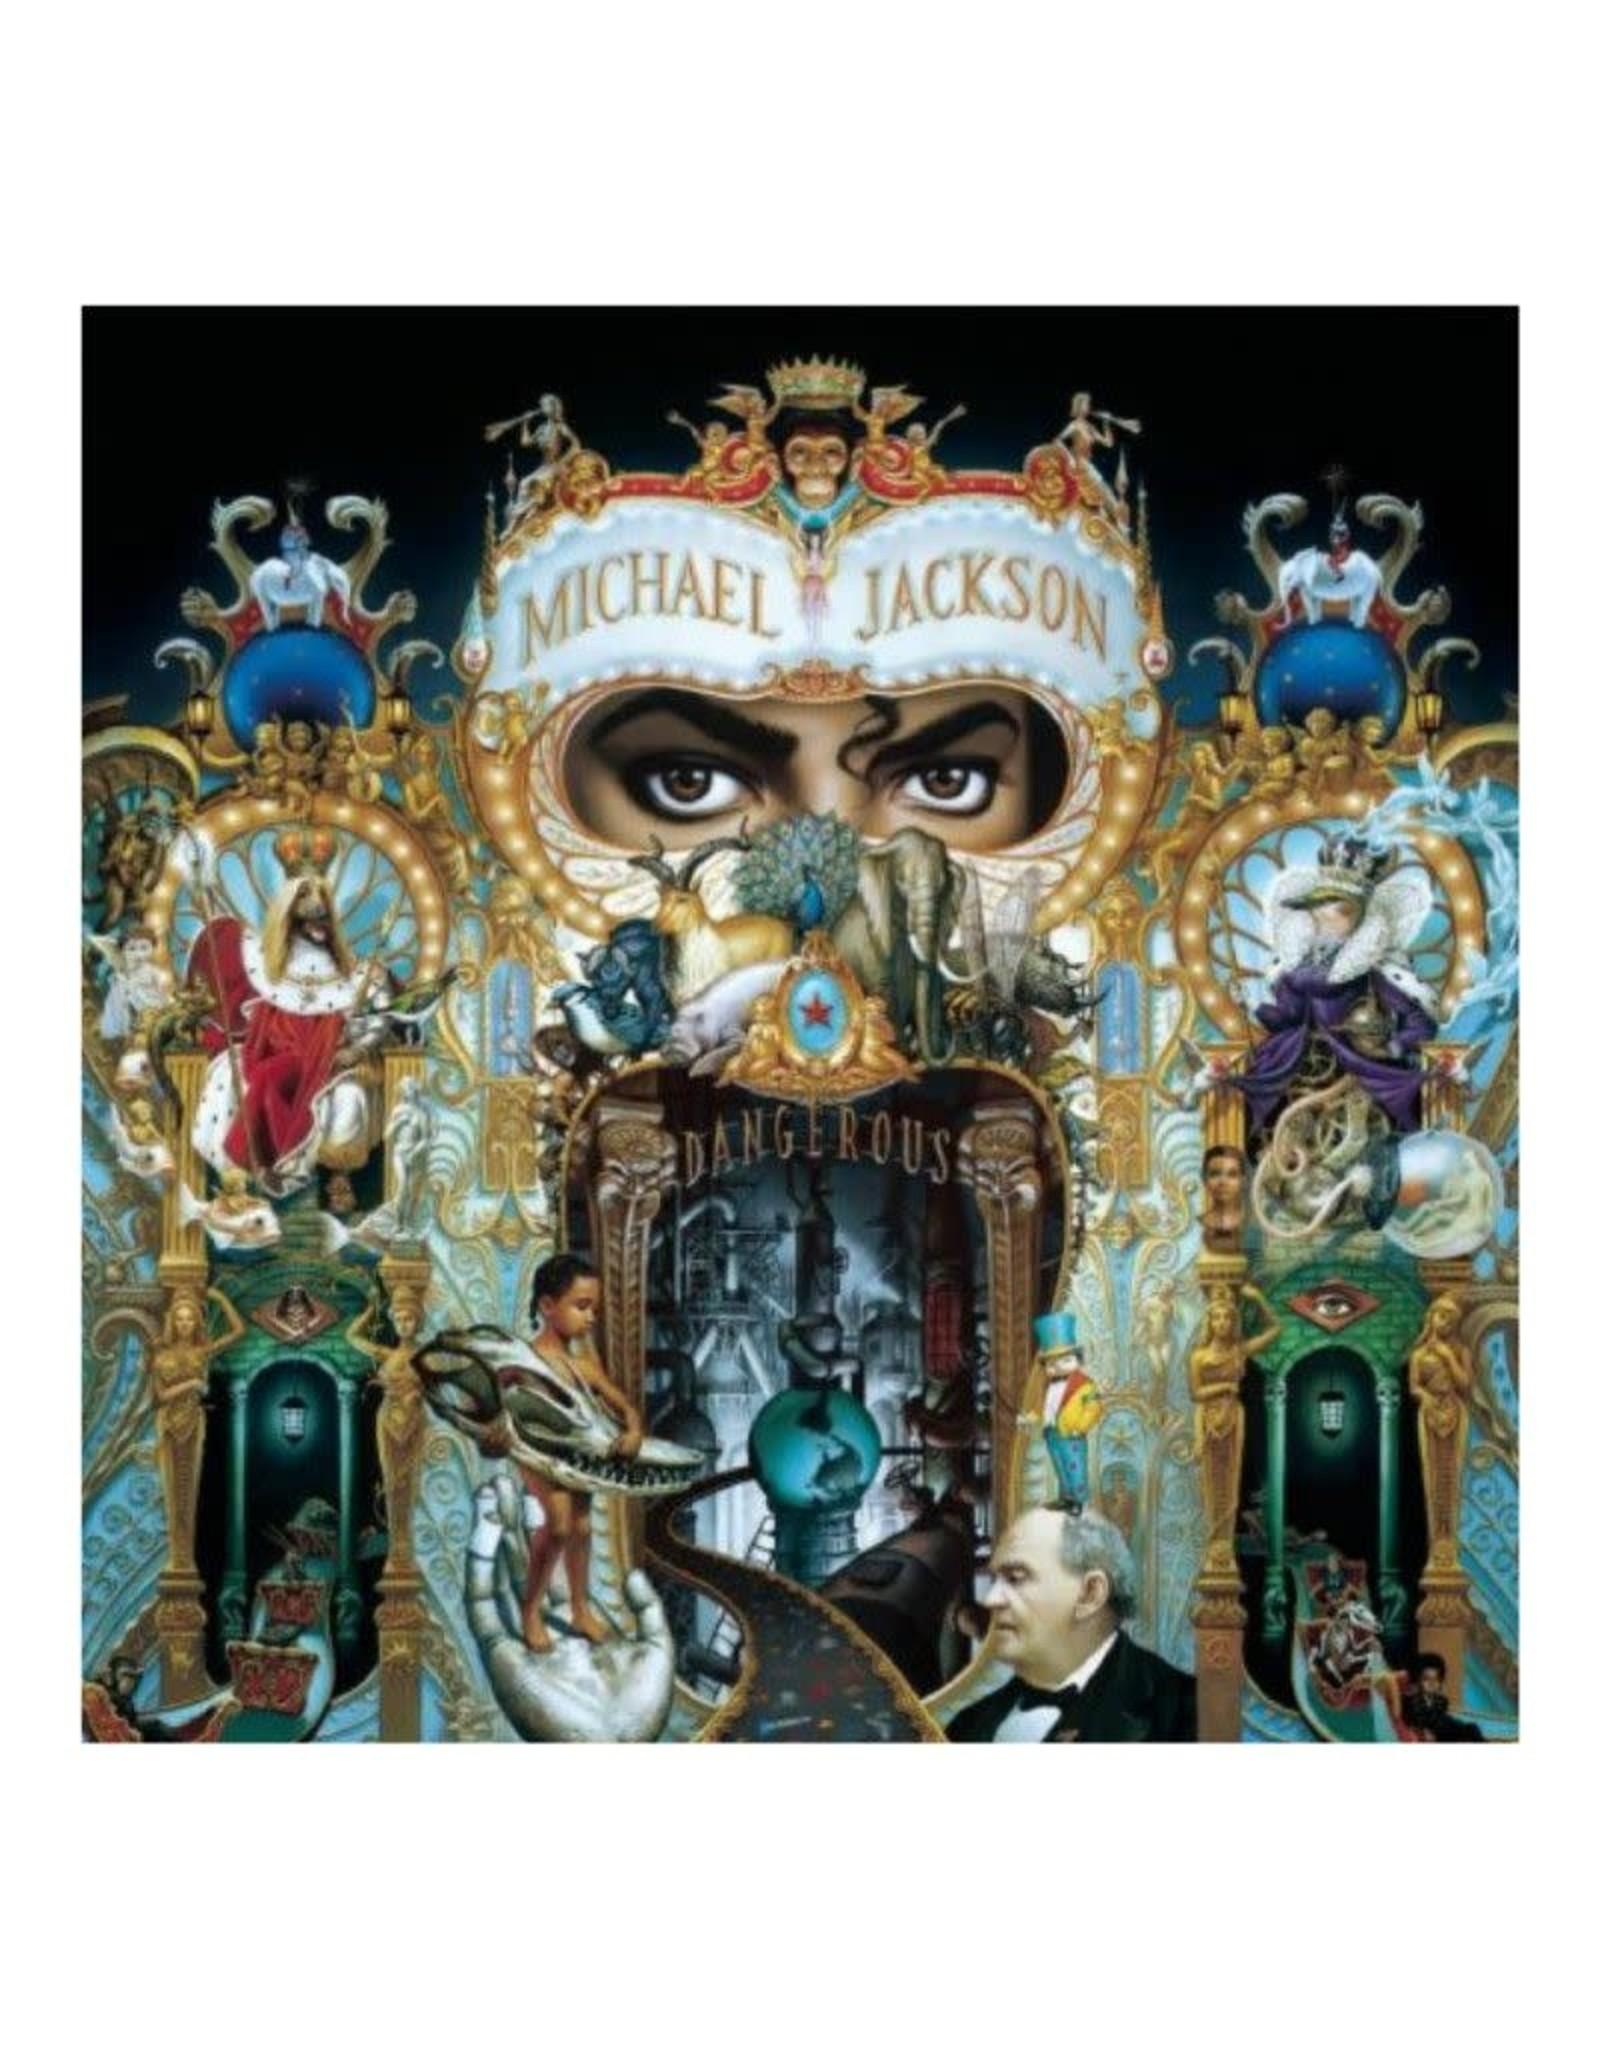 Jackson, Michael - Dangerous 2LP